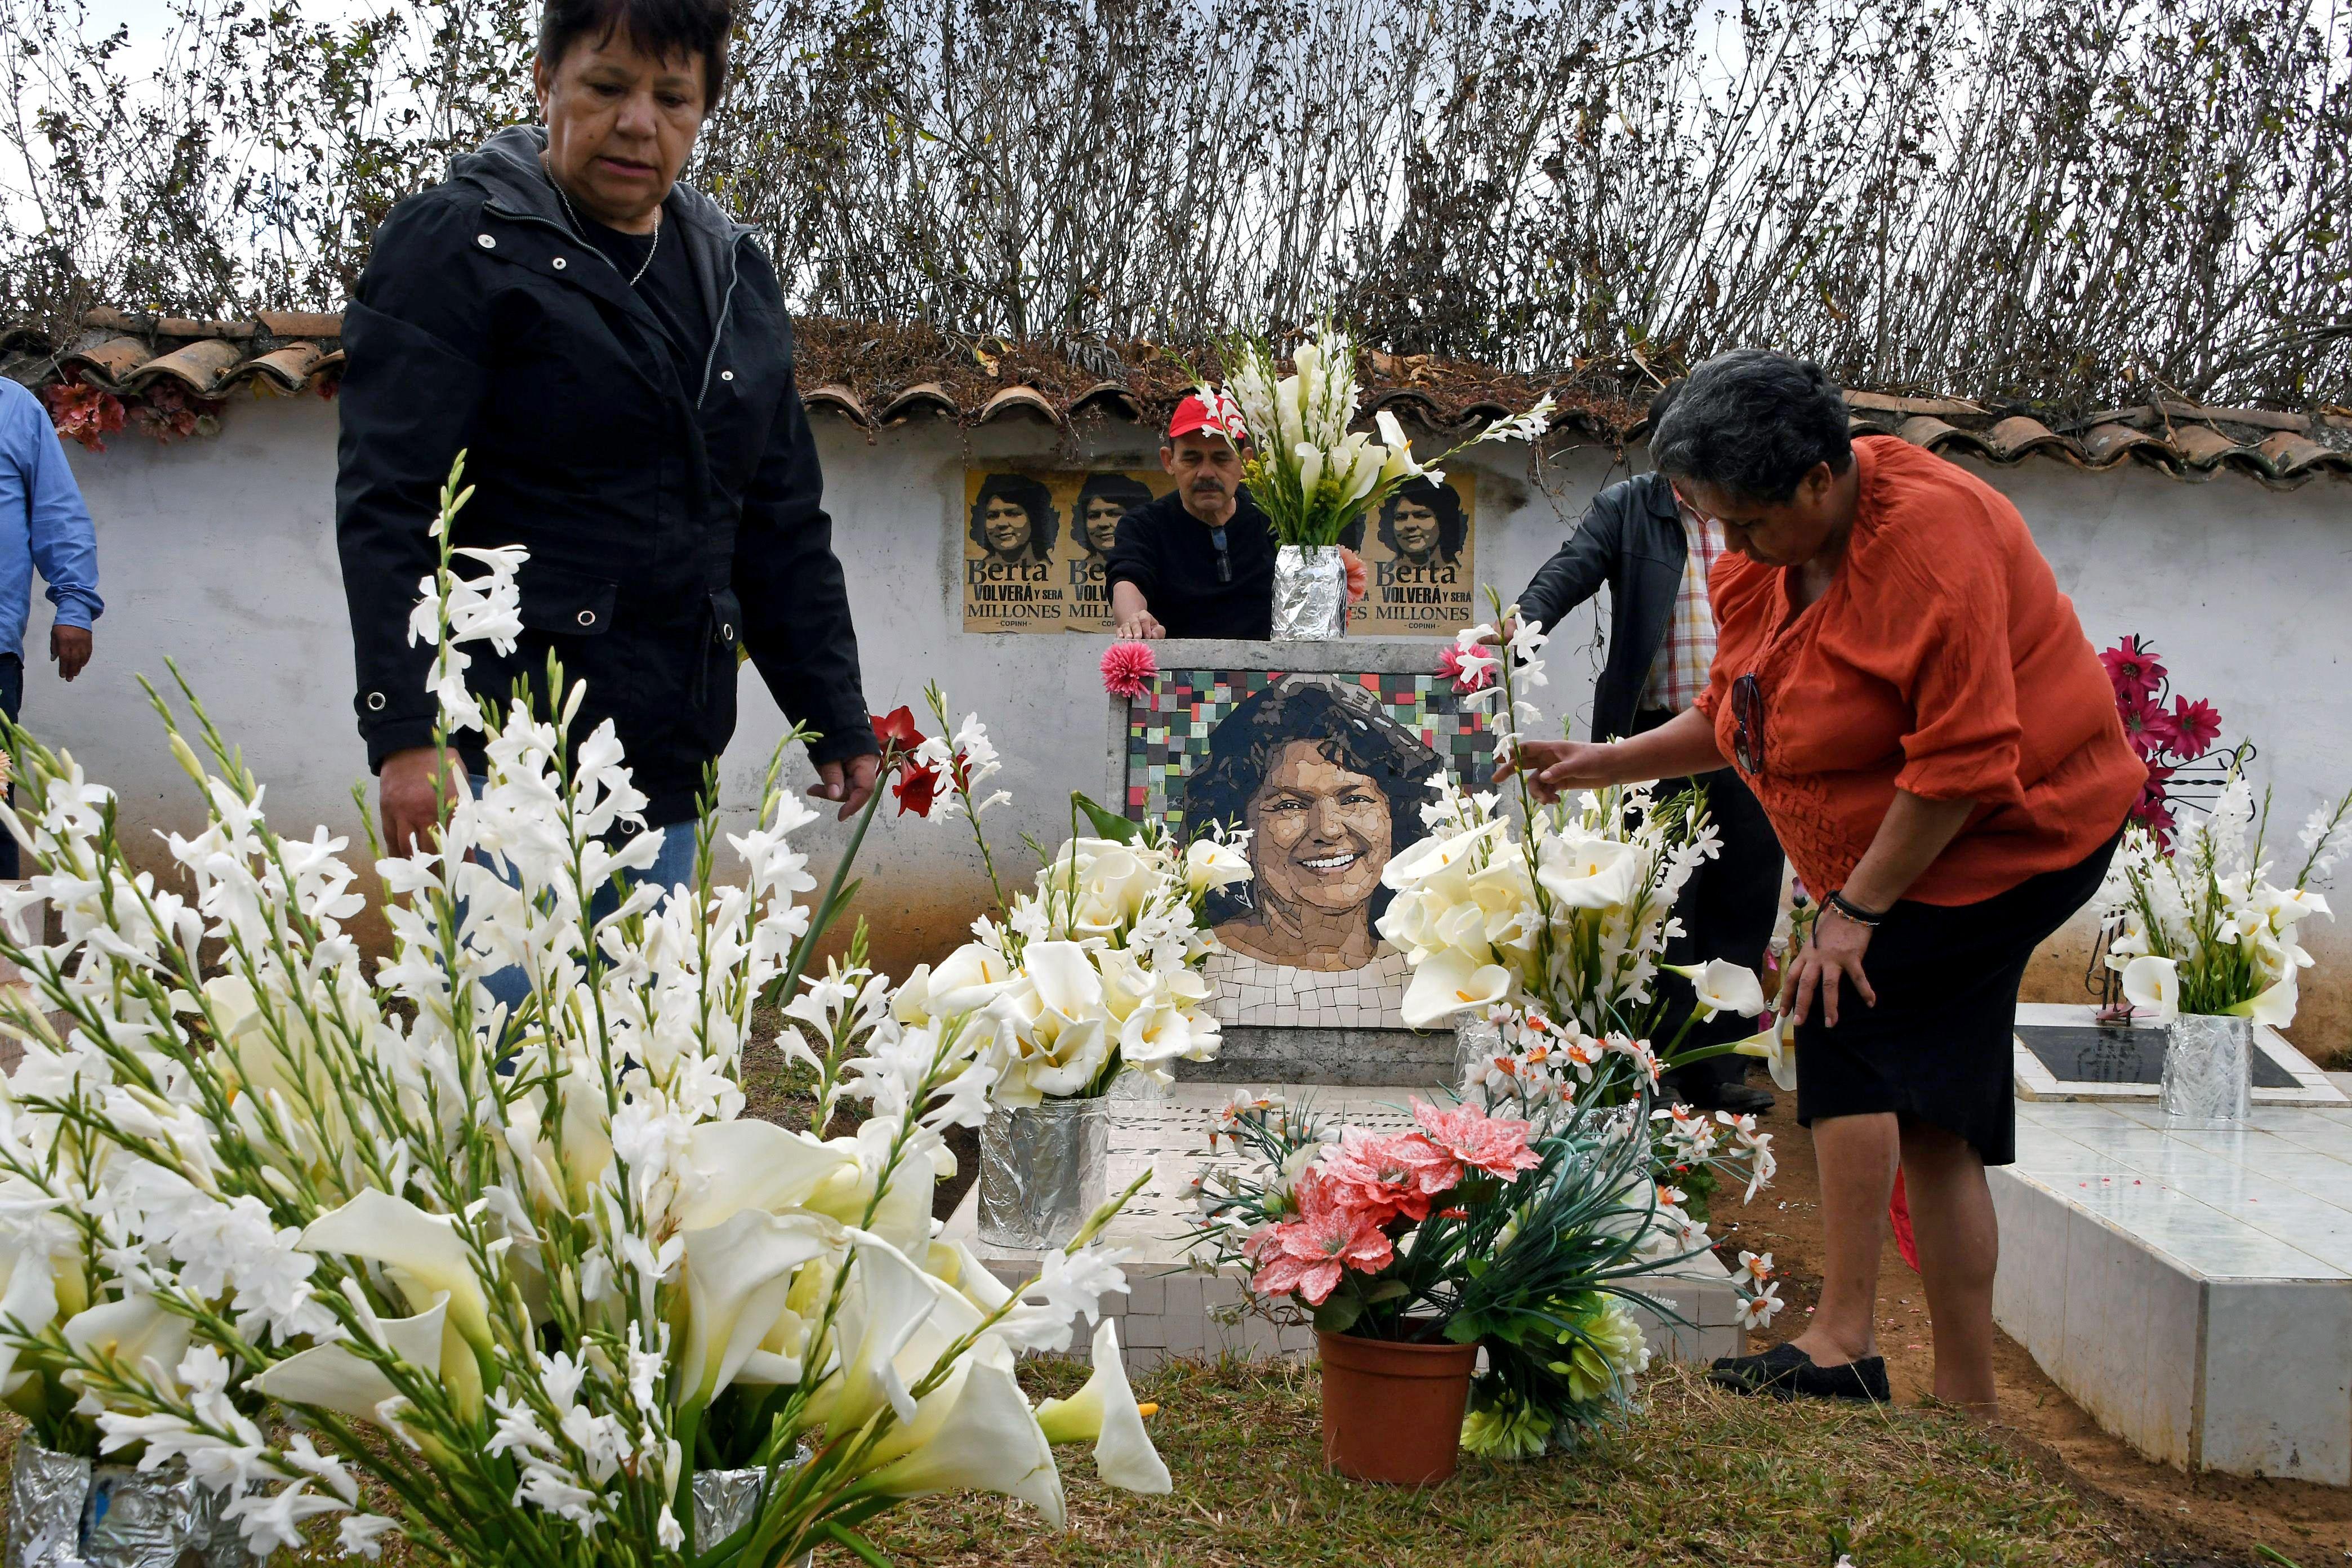 Parentes e amigos colocam flores no túmulo da ambientalista Berta Cáceres em La Esperanza, Honduras.